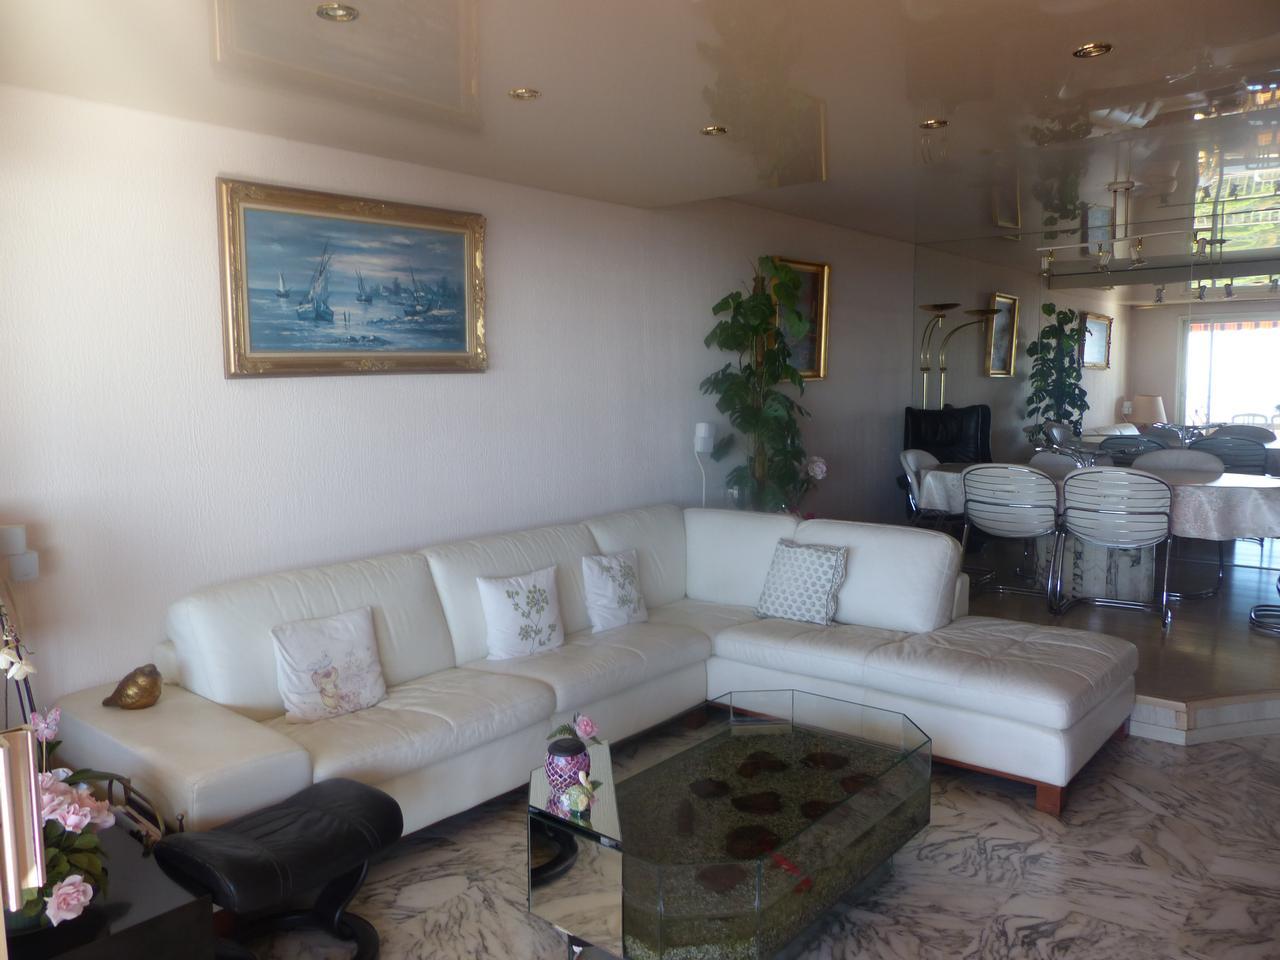 immobilier nice vue mer appartement nice viager en dernier etage nice ouest et vue mer a vendre. Black Bedroom Furniture Sets. Home Design Ideas